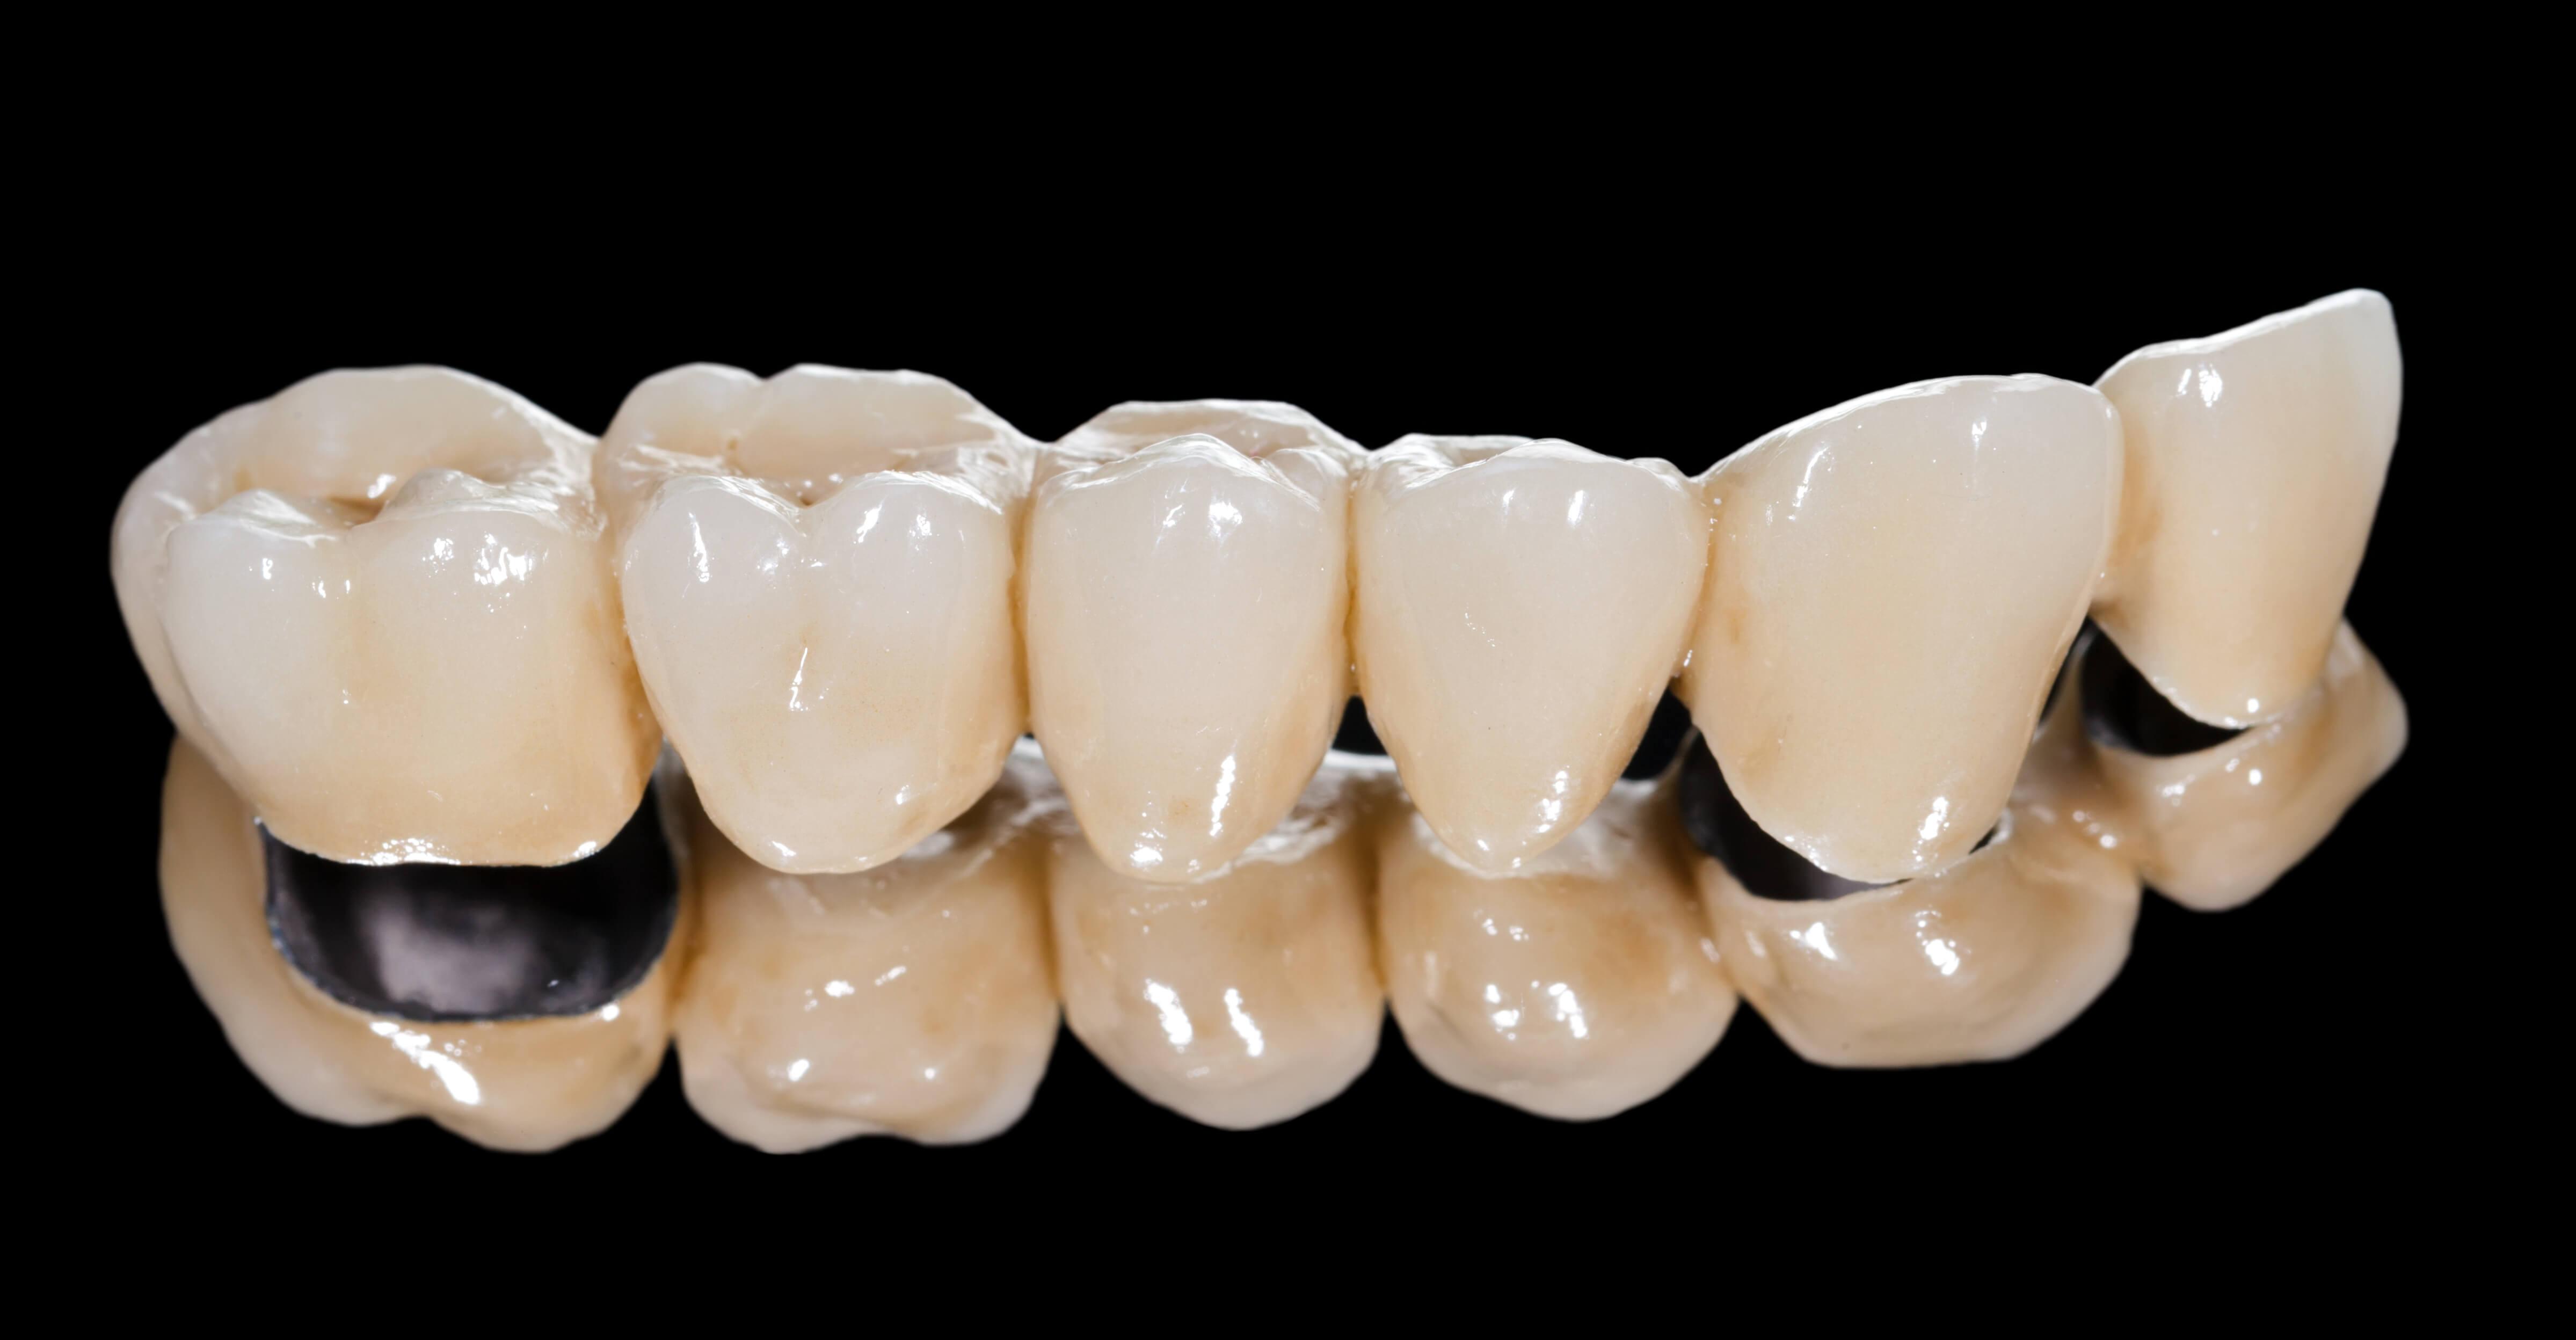 Modern kaplamalar dişler üzerinde: Bu nedir